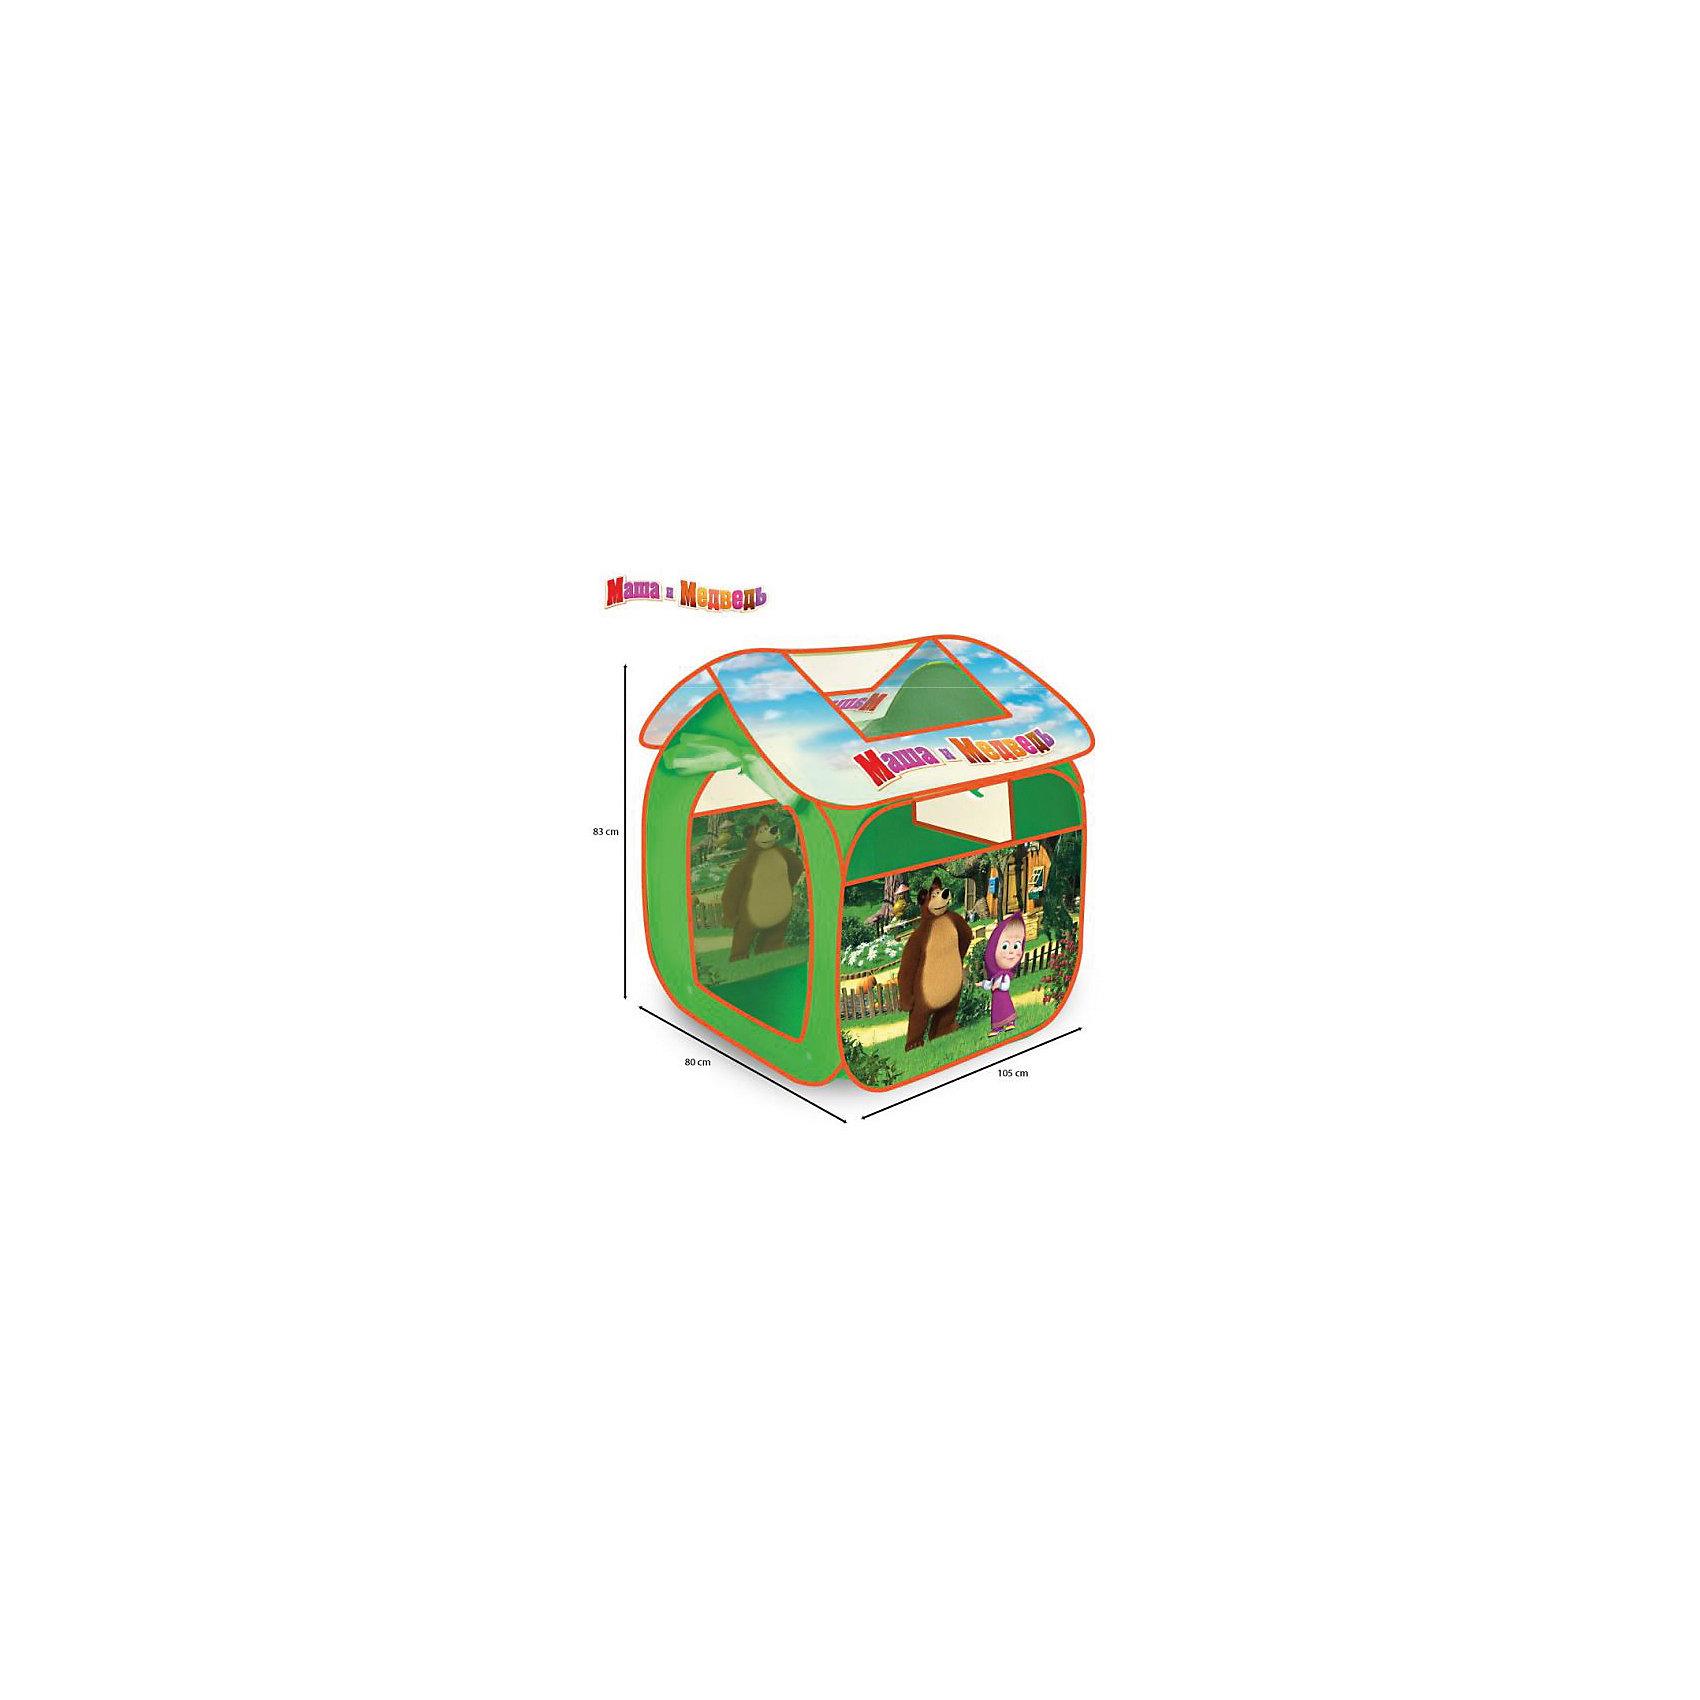 Игровая палатка , Маша и медведь, Играем вместеИгровые центры<br><br><br>Ширина мм: 800<br>Глубина мм: 830<br>Высота мм: 1050<br>Вес г: 750<br>Возраст от месяцев: 12<br>Возраст до месяцев: 5<br>Пол: Унисекс<br>Возраст: Детский<br>SKU: 4950455